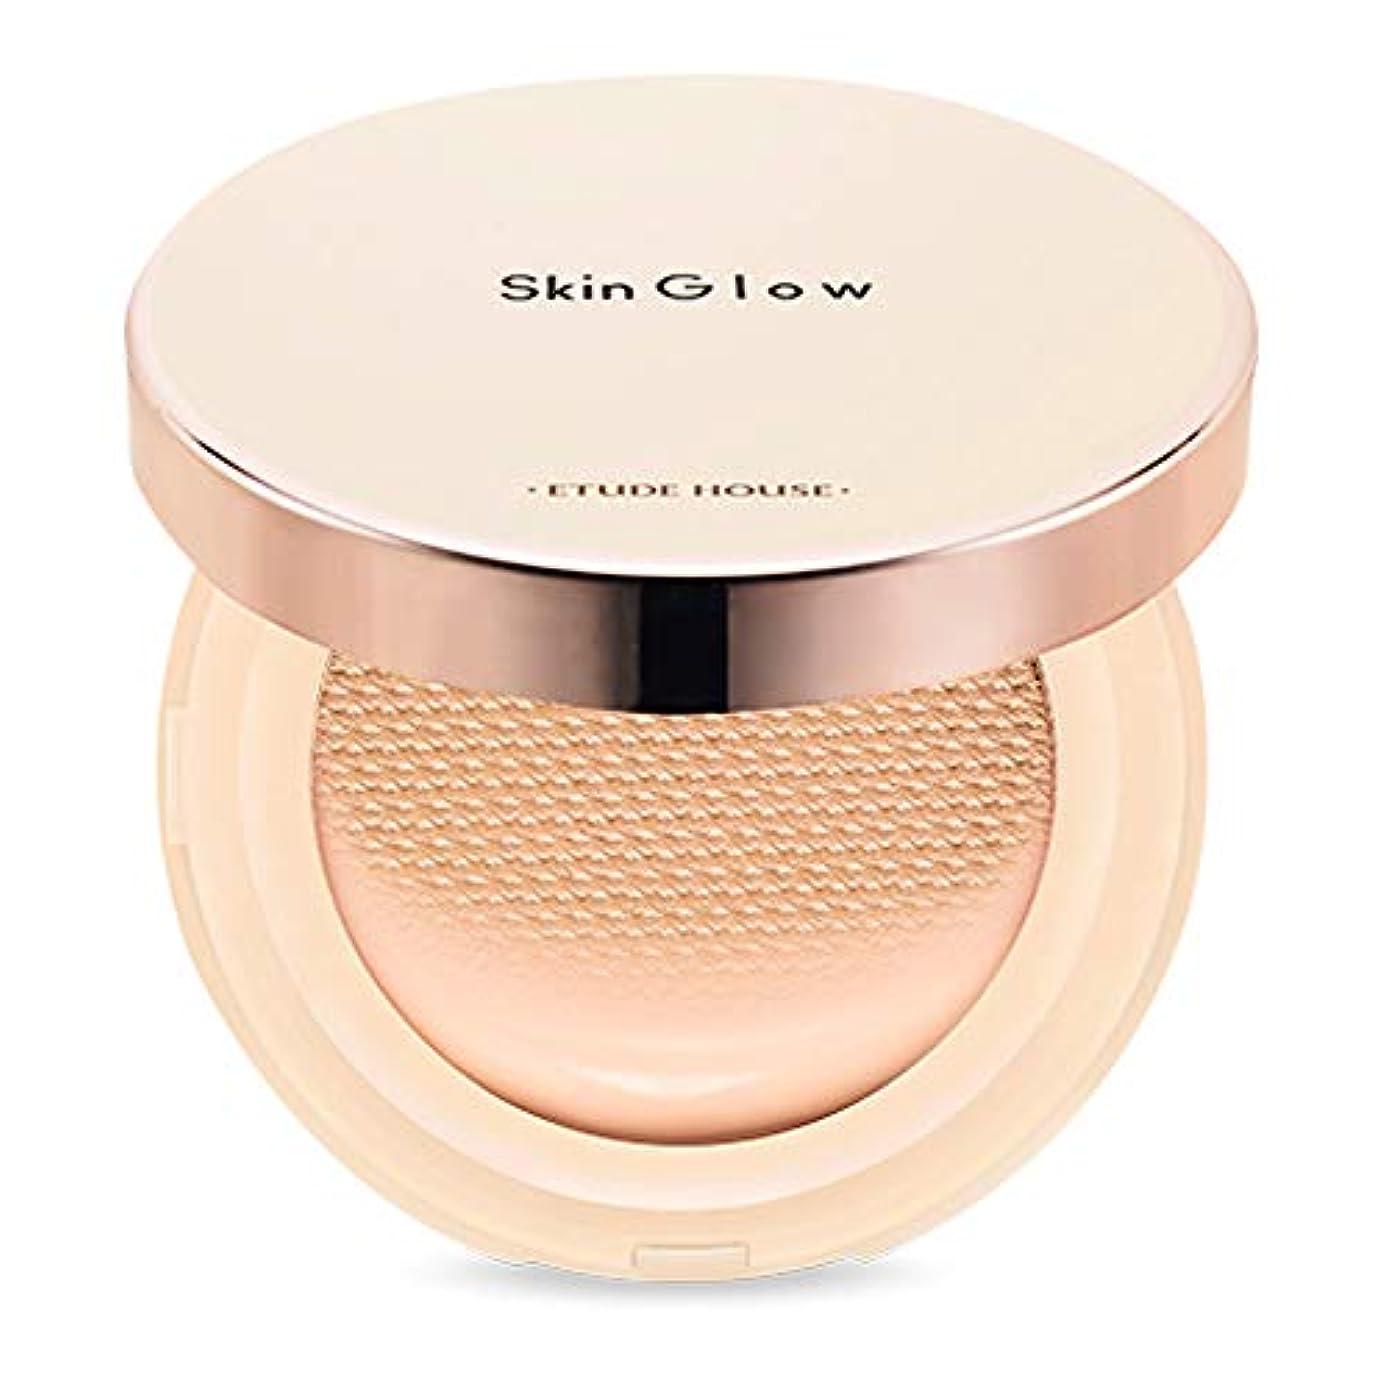 キルス市の中心部統治するEtude House Skin Glow Essence Cushion SPF50+/PA++++ エチュードハウス スキン グロー エッセンス クッション (# N04 Neutral Beige) [並行輸入品]